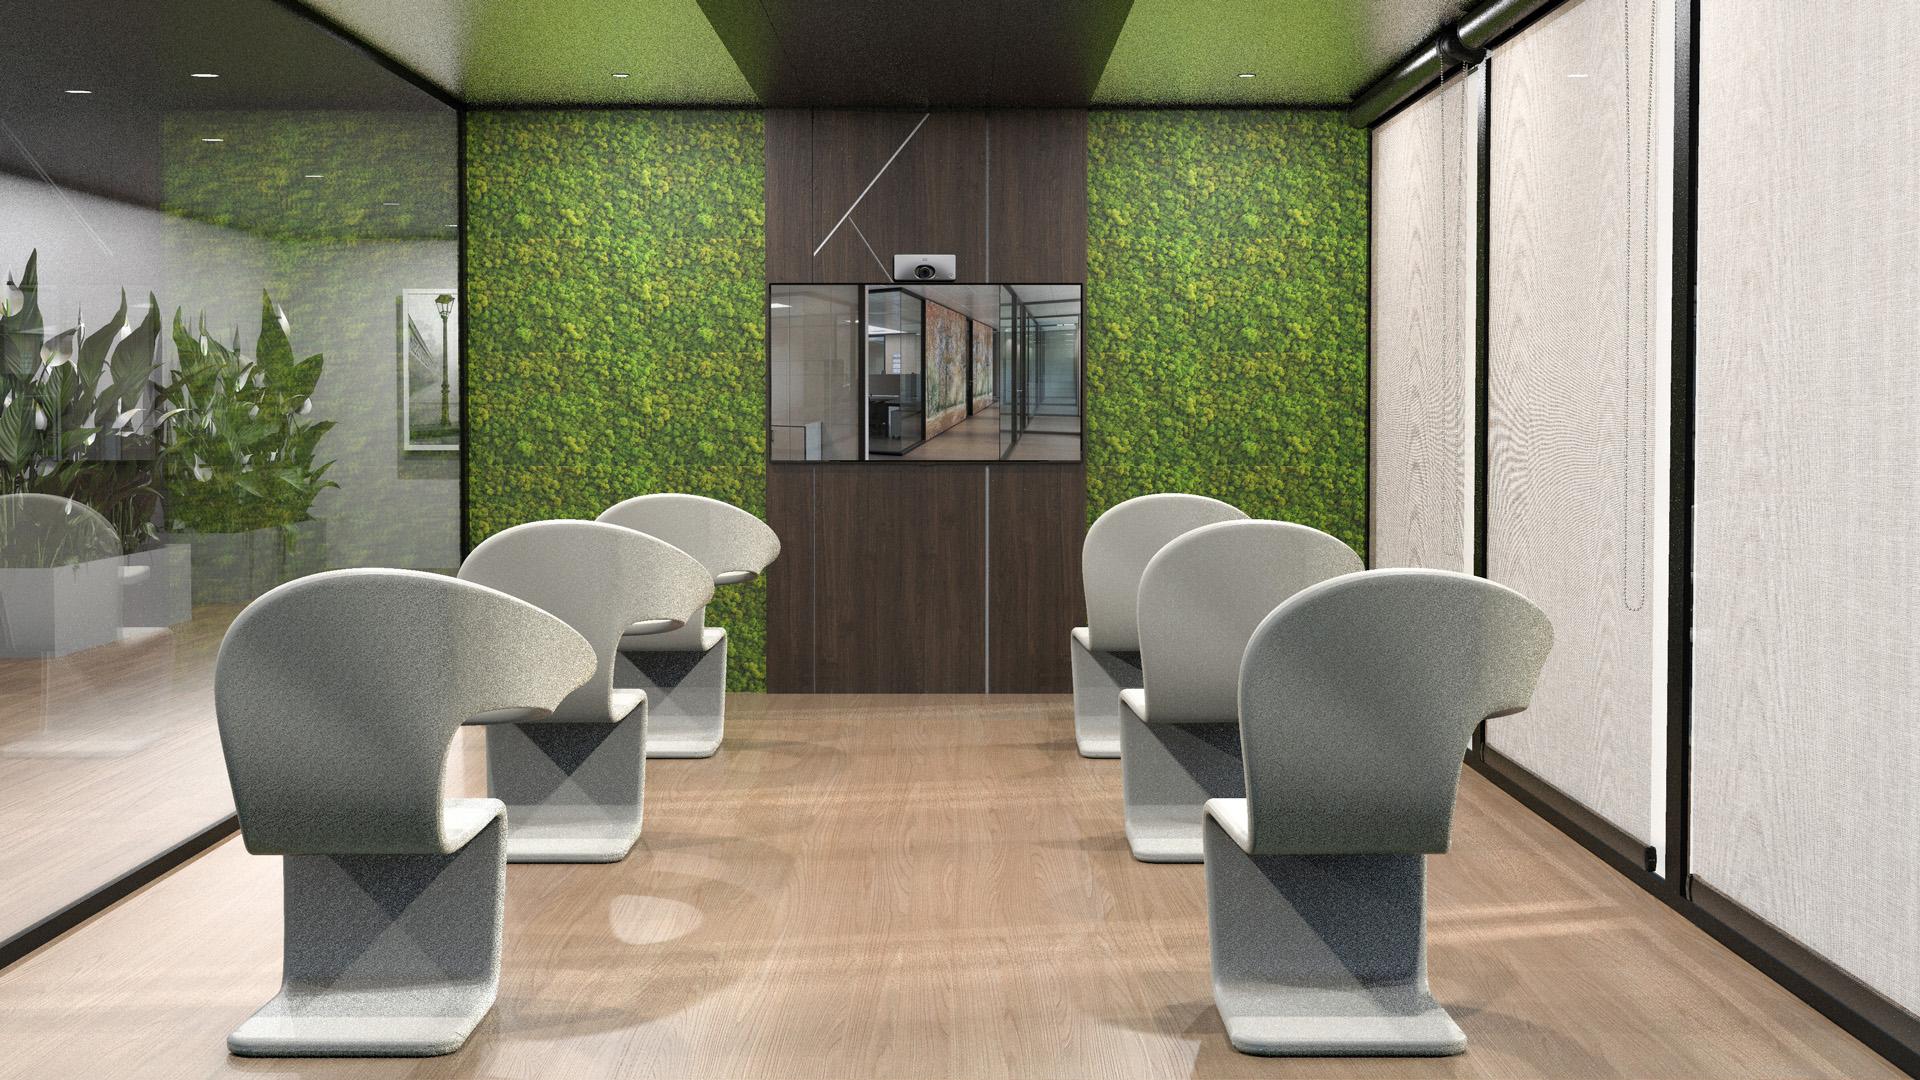 nuove-sale-riunioni-tecnologiche-Keplero-Level-Office-Landscape